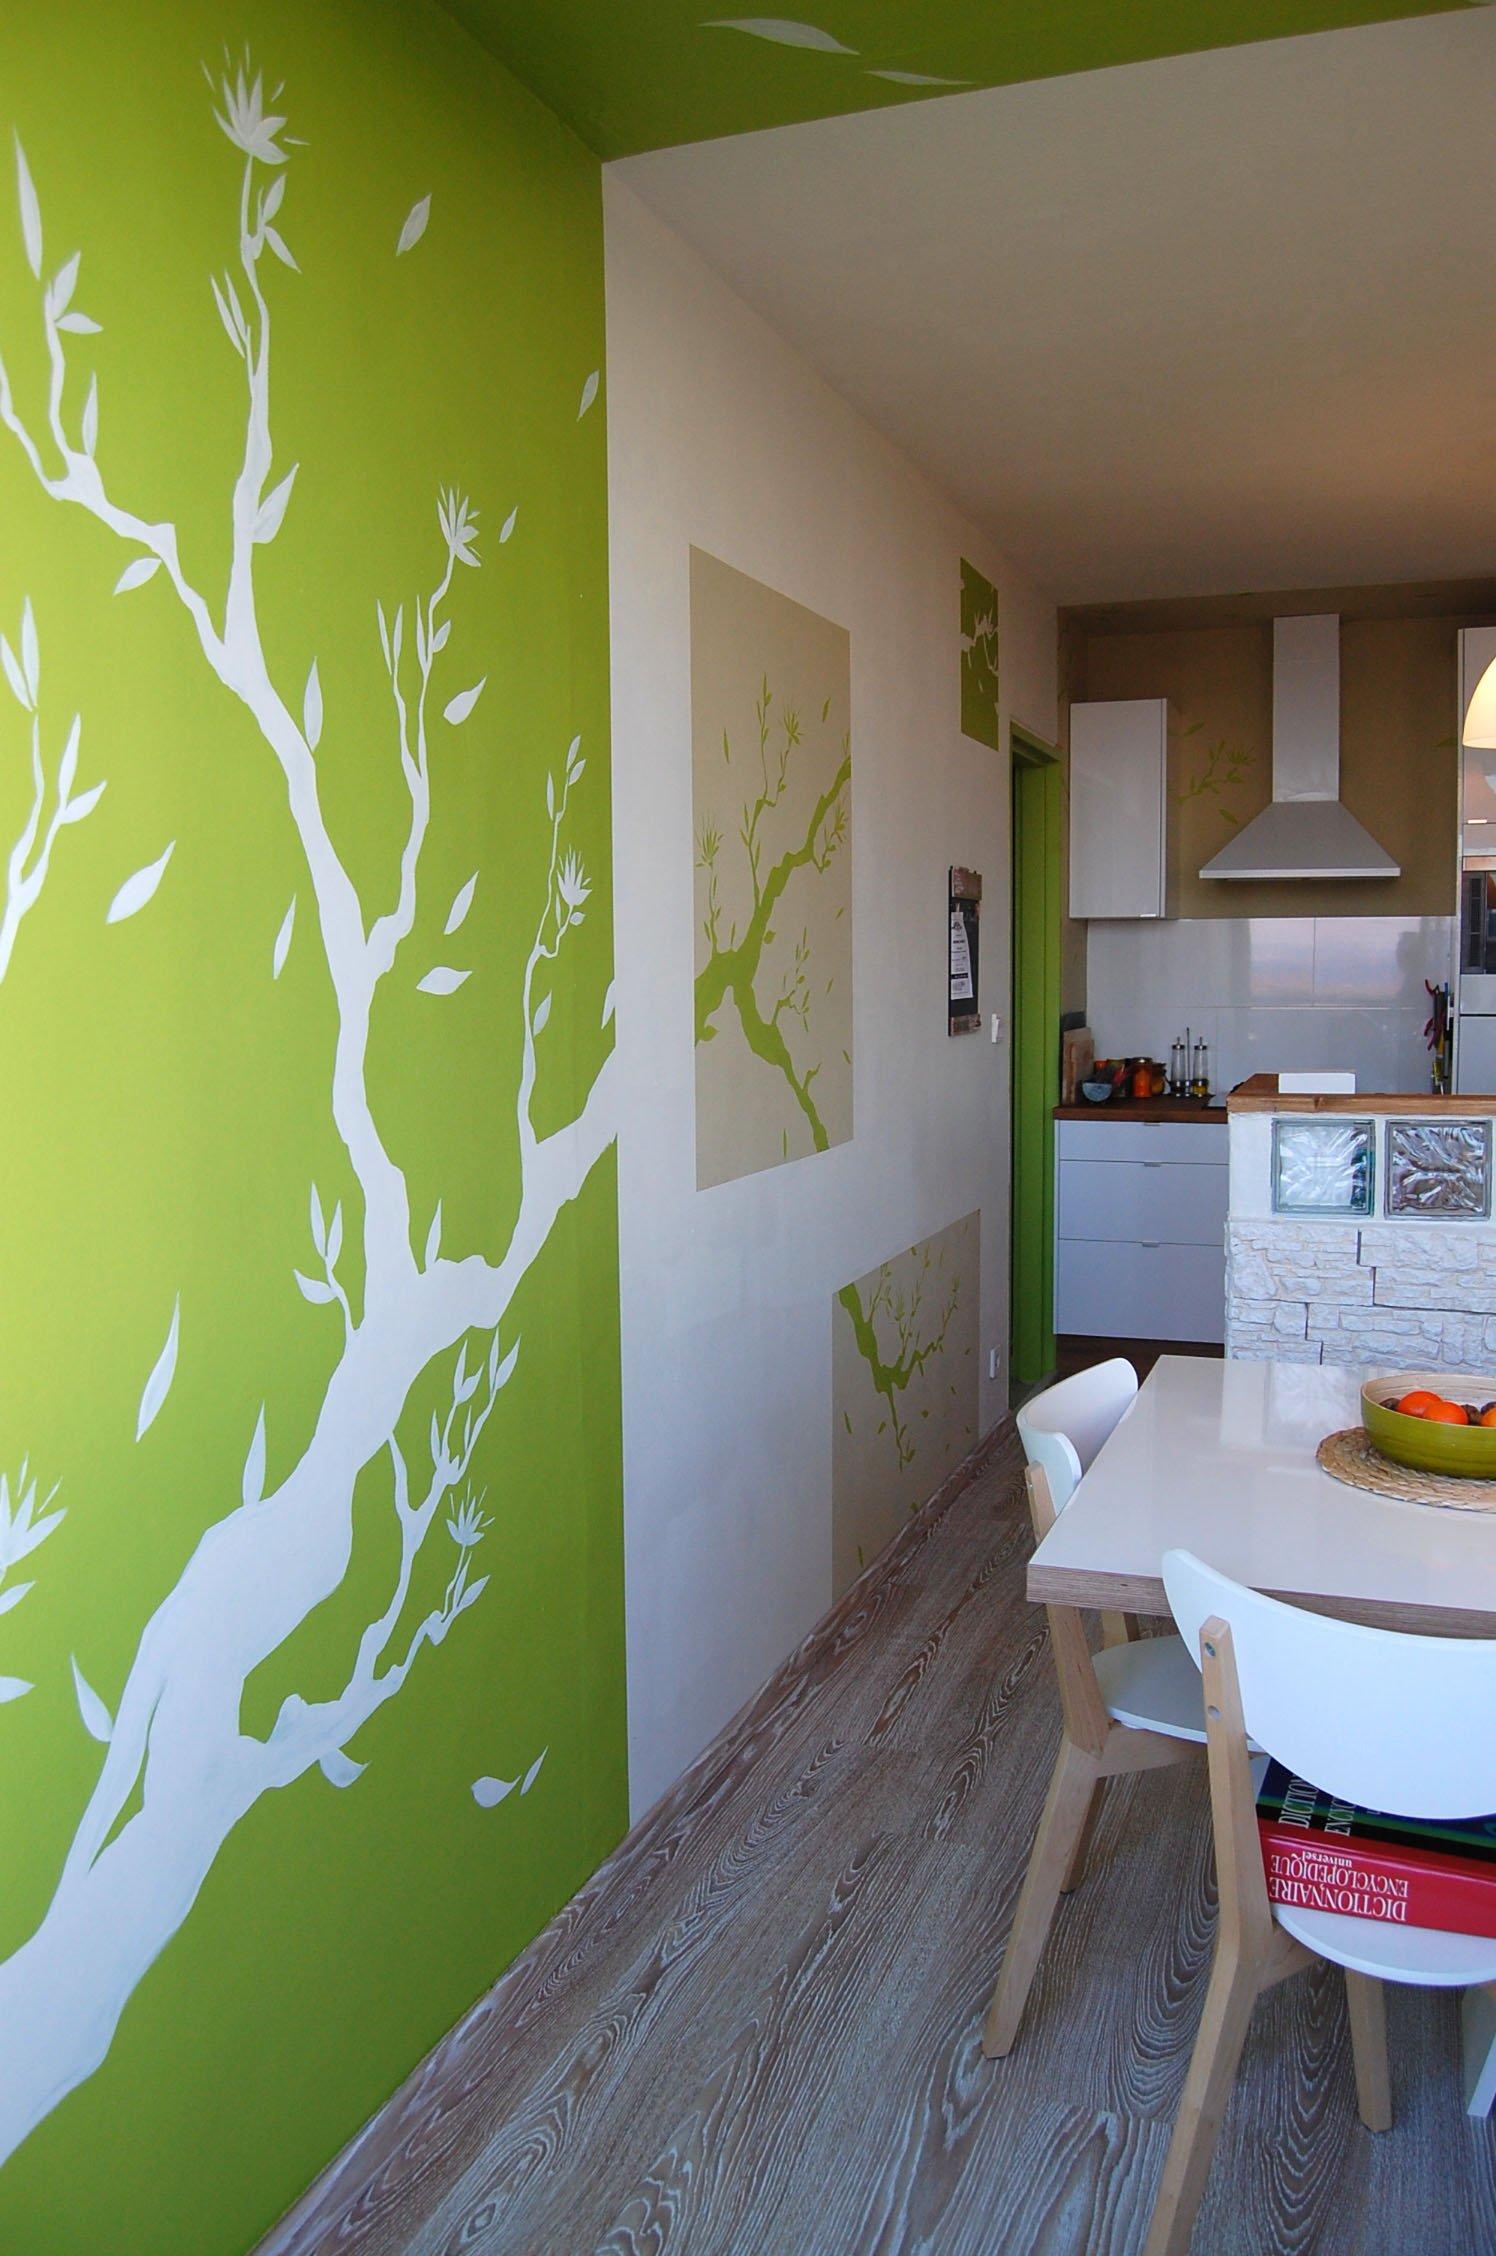 Cuisine design dessin sur mur atelier mur 39 mur for Dessin mur salon